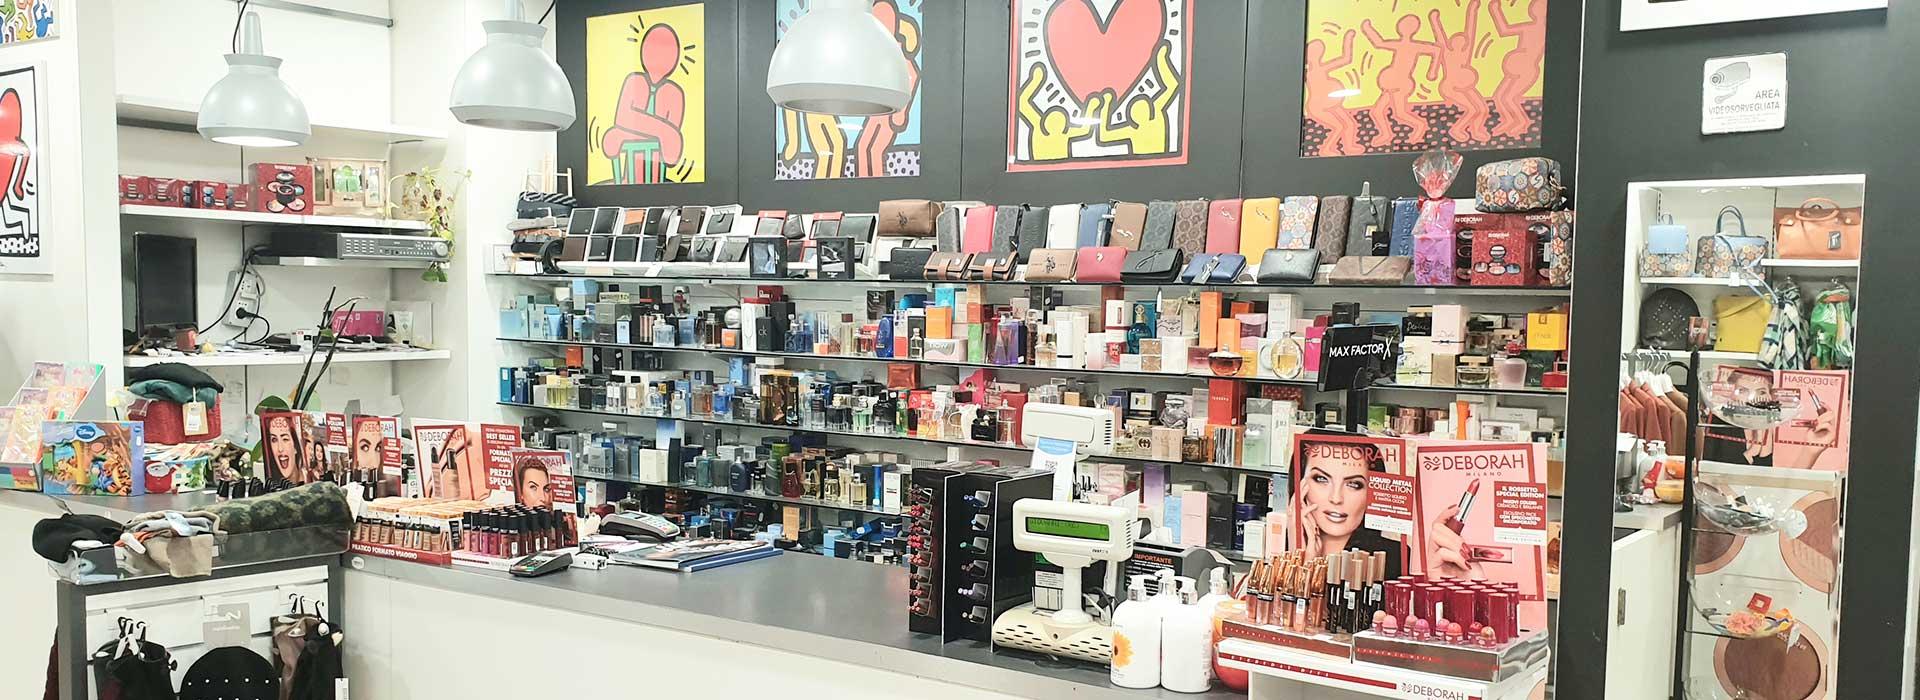 Friends Family Store Cosmetica Villa San Giovanni Reggio Calabria